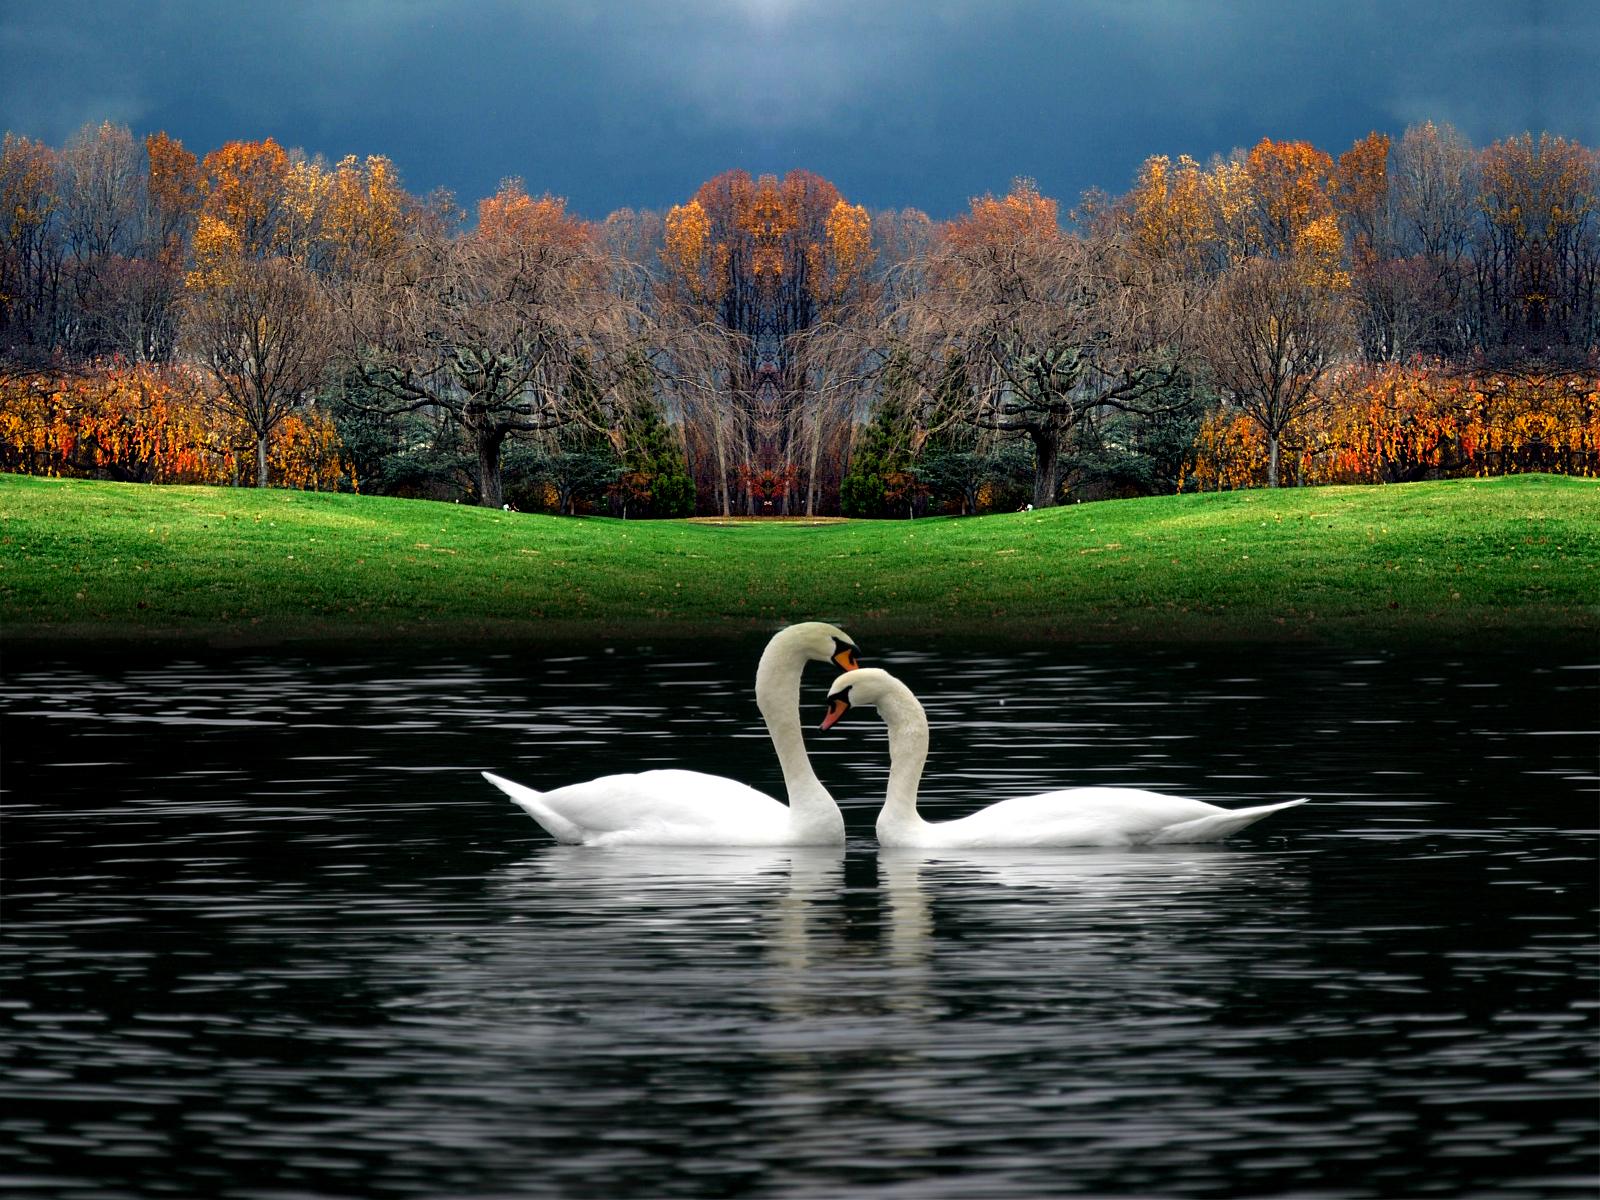 hd natural image beautiful - photo #48